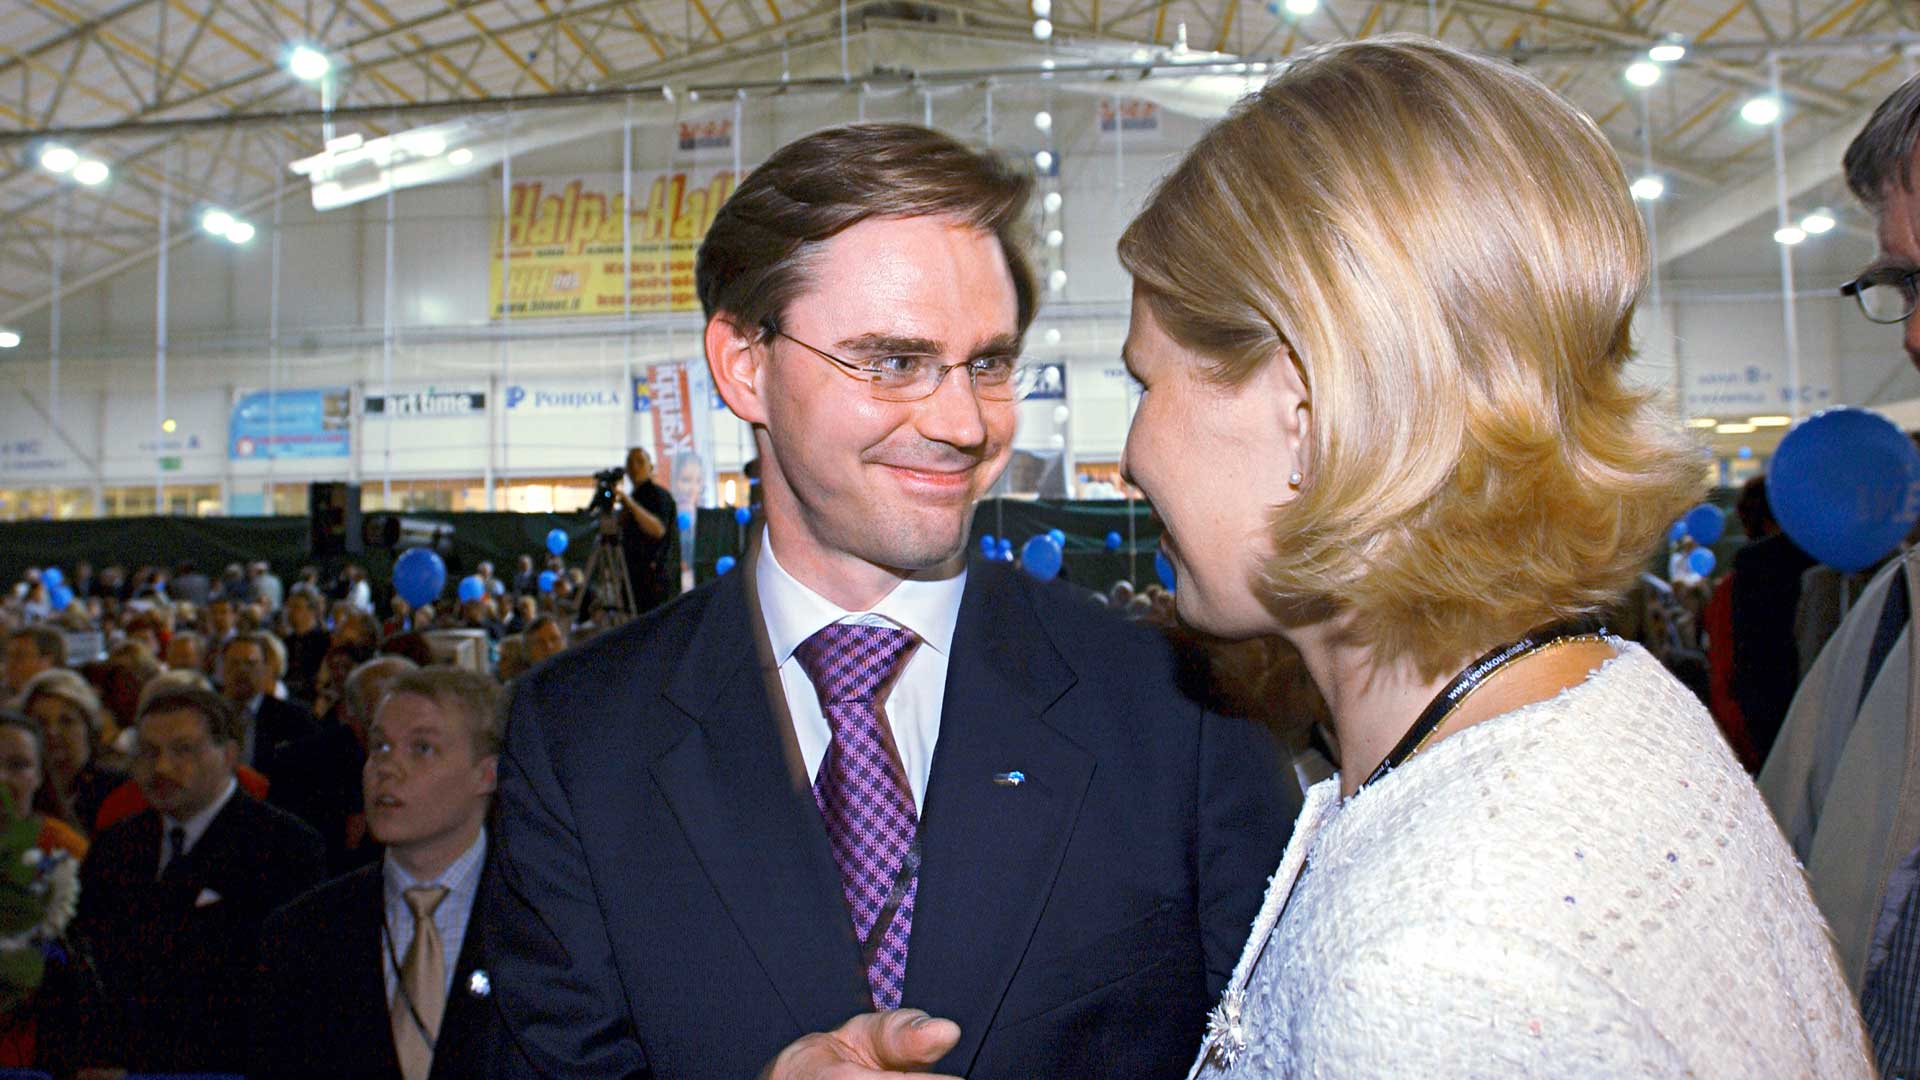 Vuonna 2004 ainakin media piti Marjo Matikainen-Kallströmiä ennakkosuosikkina puolueen johtoon. Rankan lobbauksen jälkeen toiselle kierrokselle pääsivät silti Jyrki Katainen ja Ilkka Kanerva, josta Katainen otti helpon voiton.